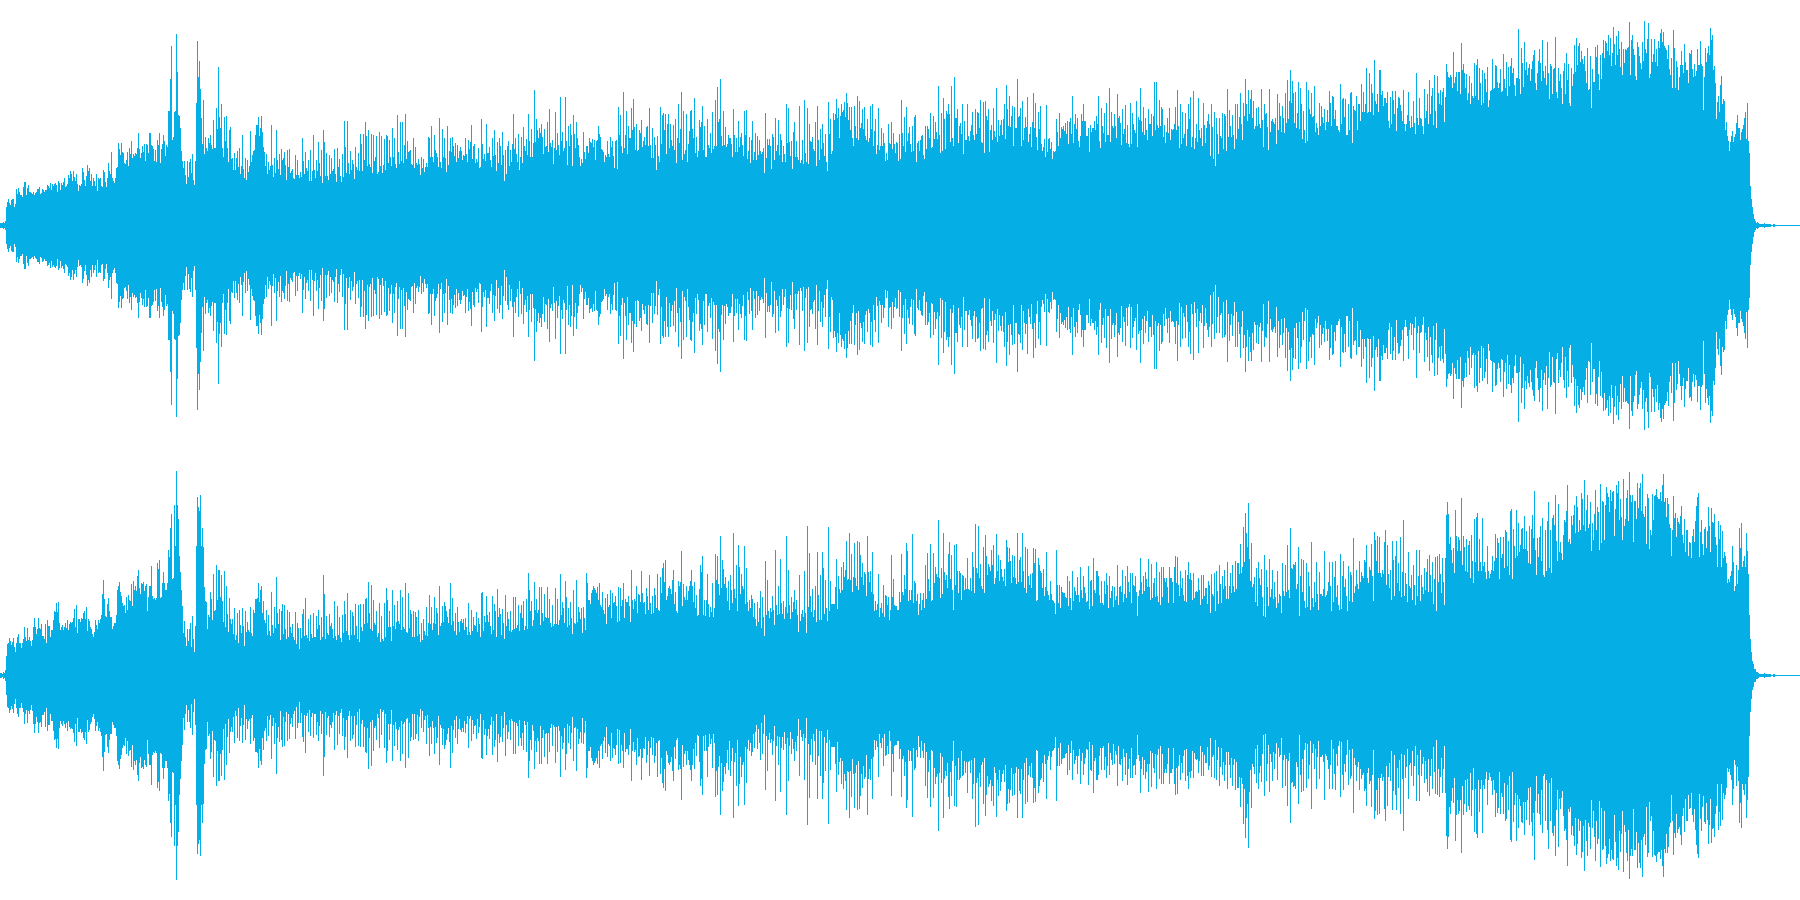 軽快なリズムのオーケストラ風の曲です。の再生済みの波形